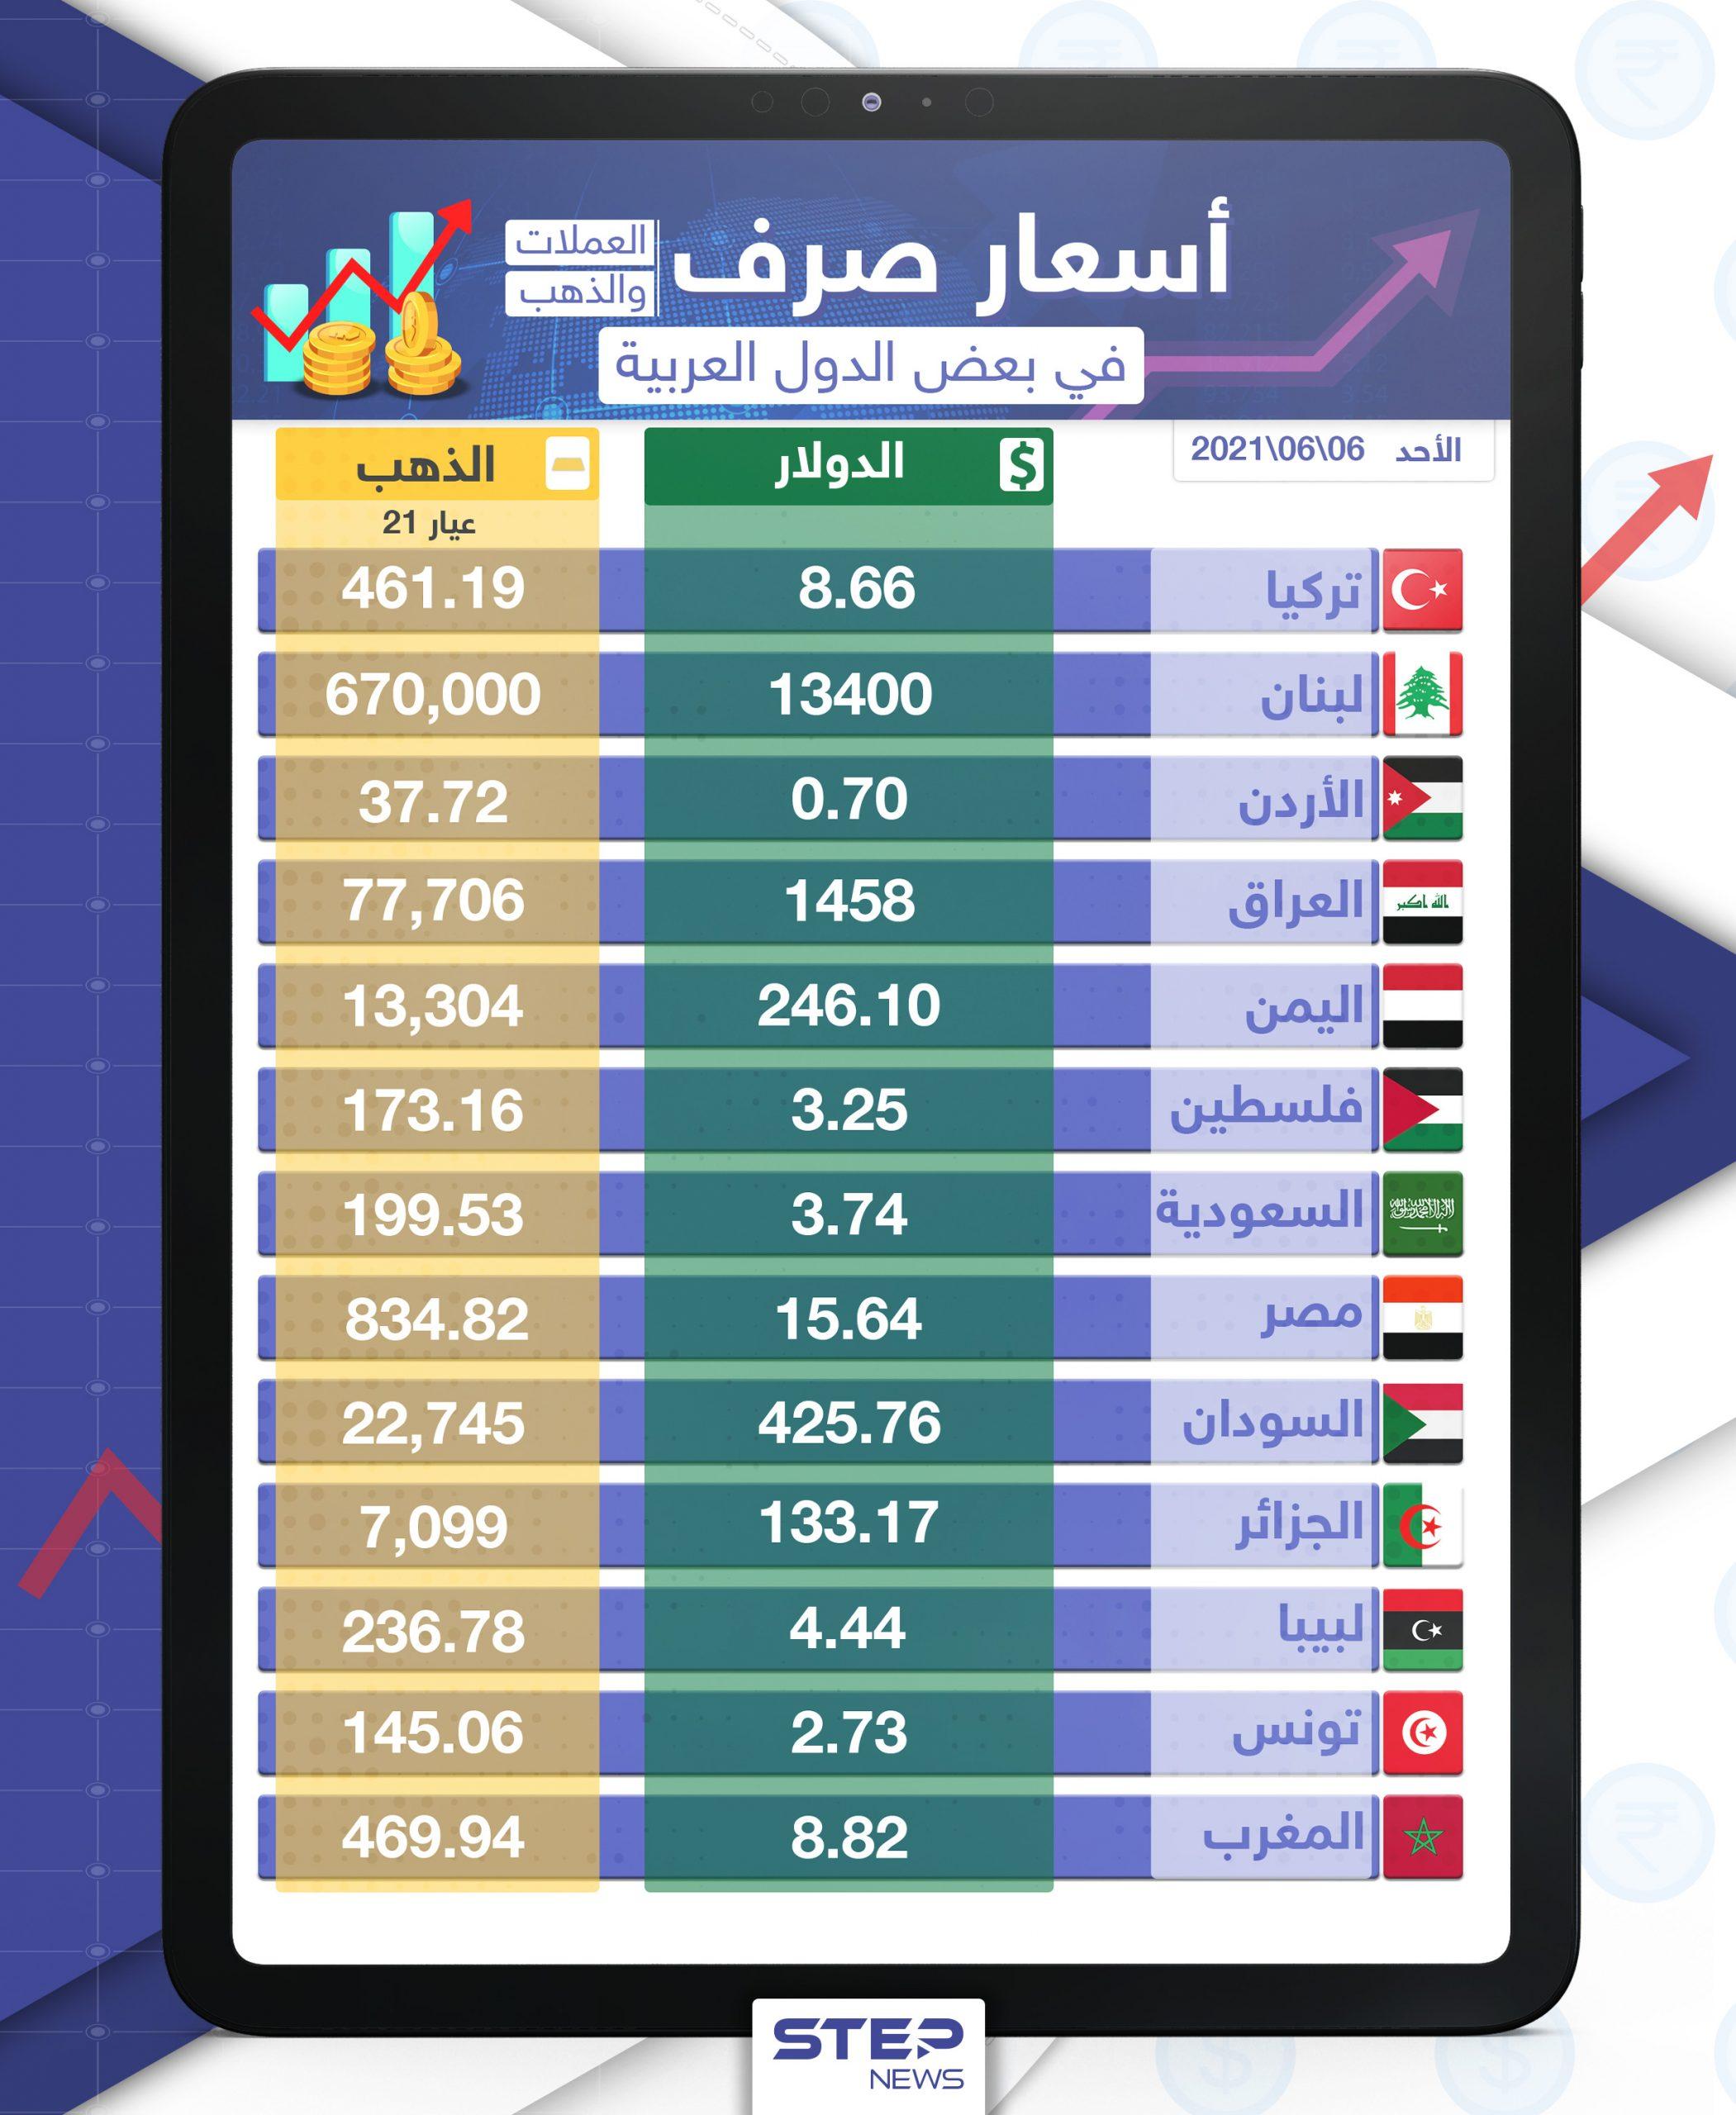 أسعار الذهب والعملات للدول العربية وتركيا اليوم الأحد الموافق 06 حزيران 2021